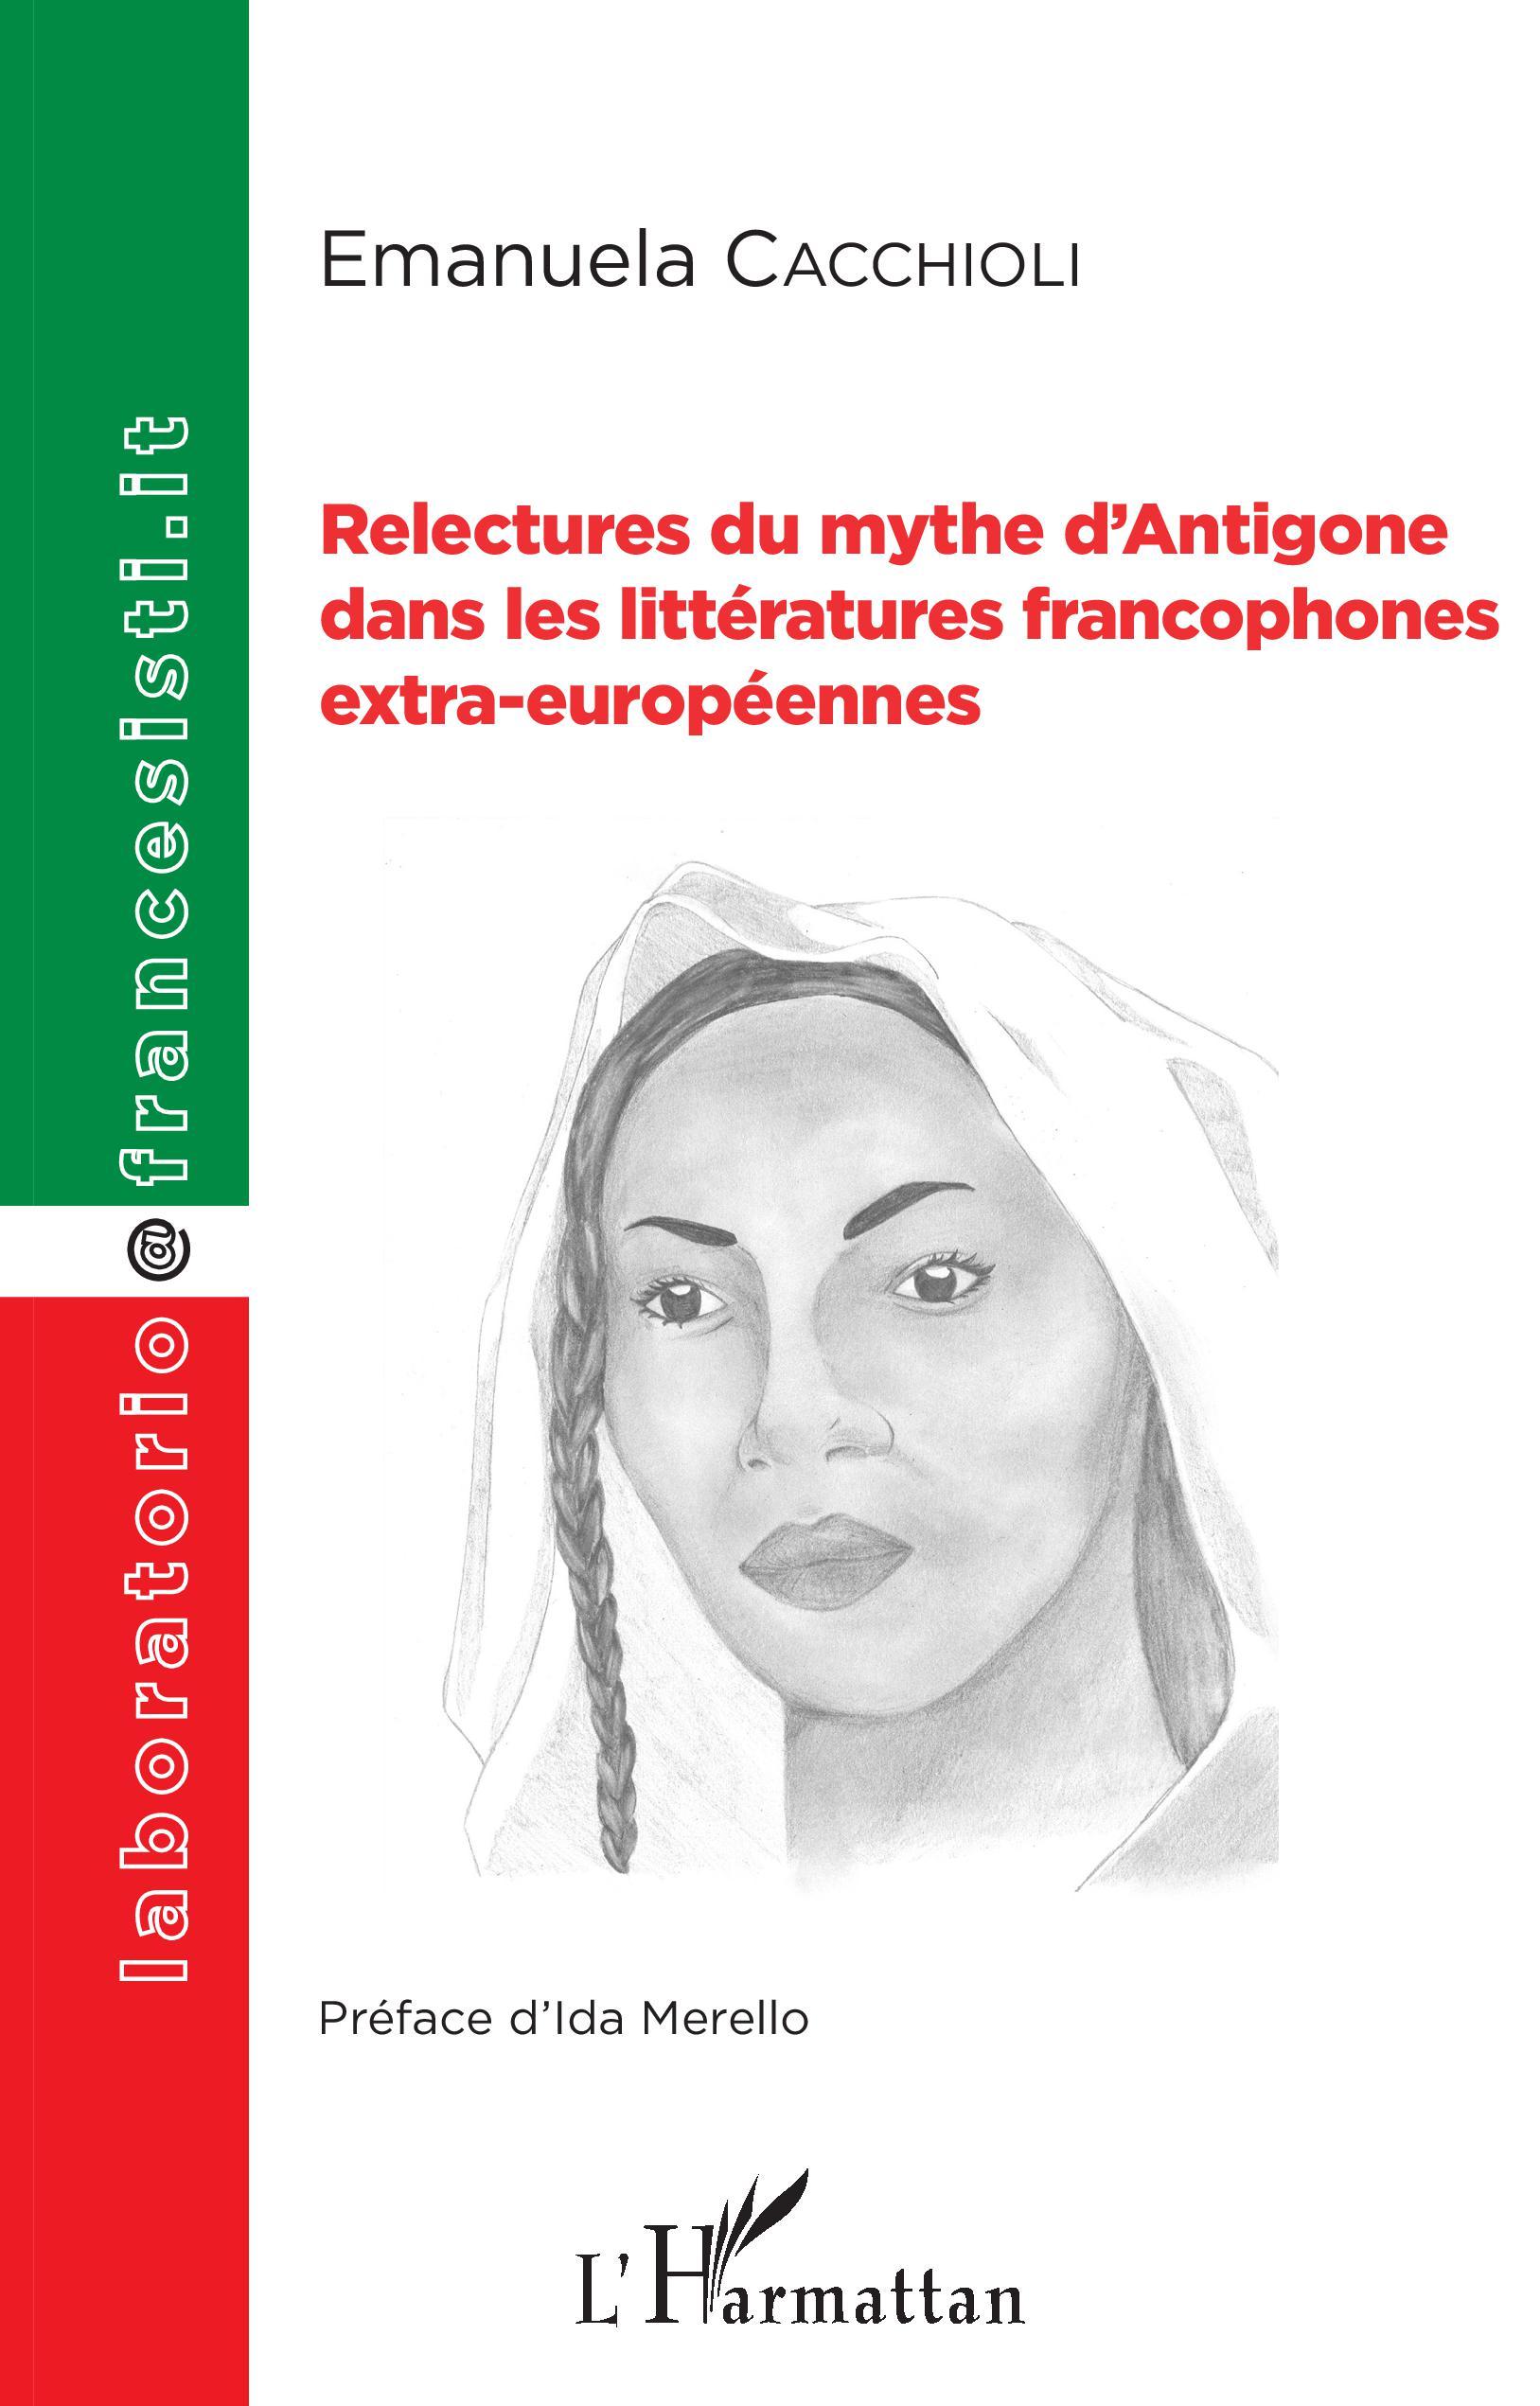 E. Cacchioli, Relectures du mythe d'Antigone dans les littératures francophones extra-européennes